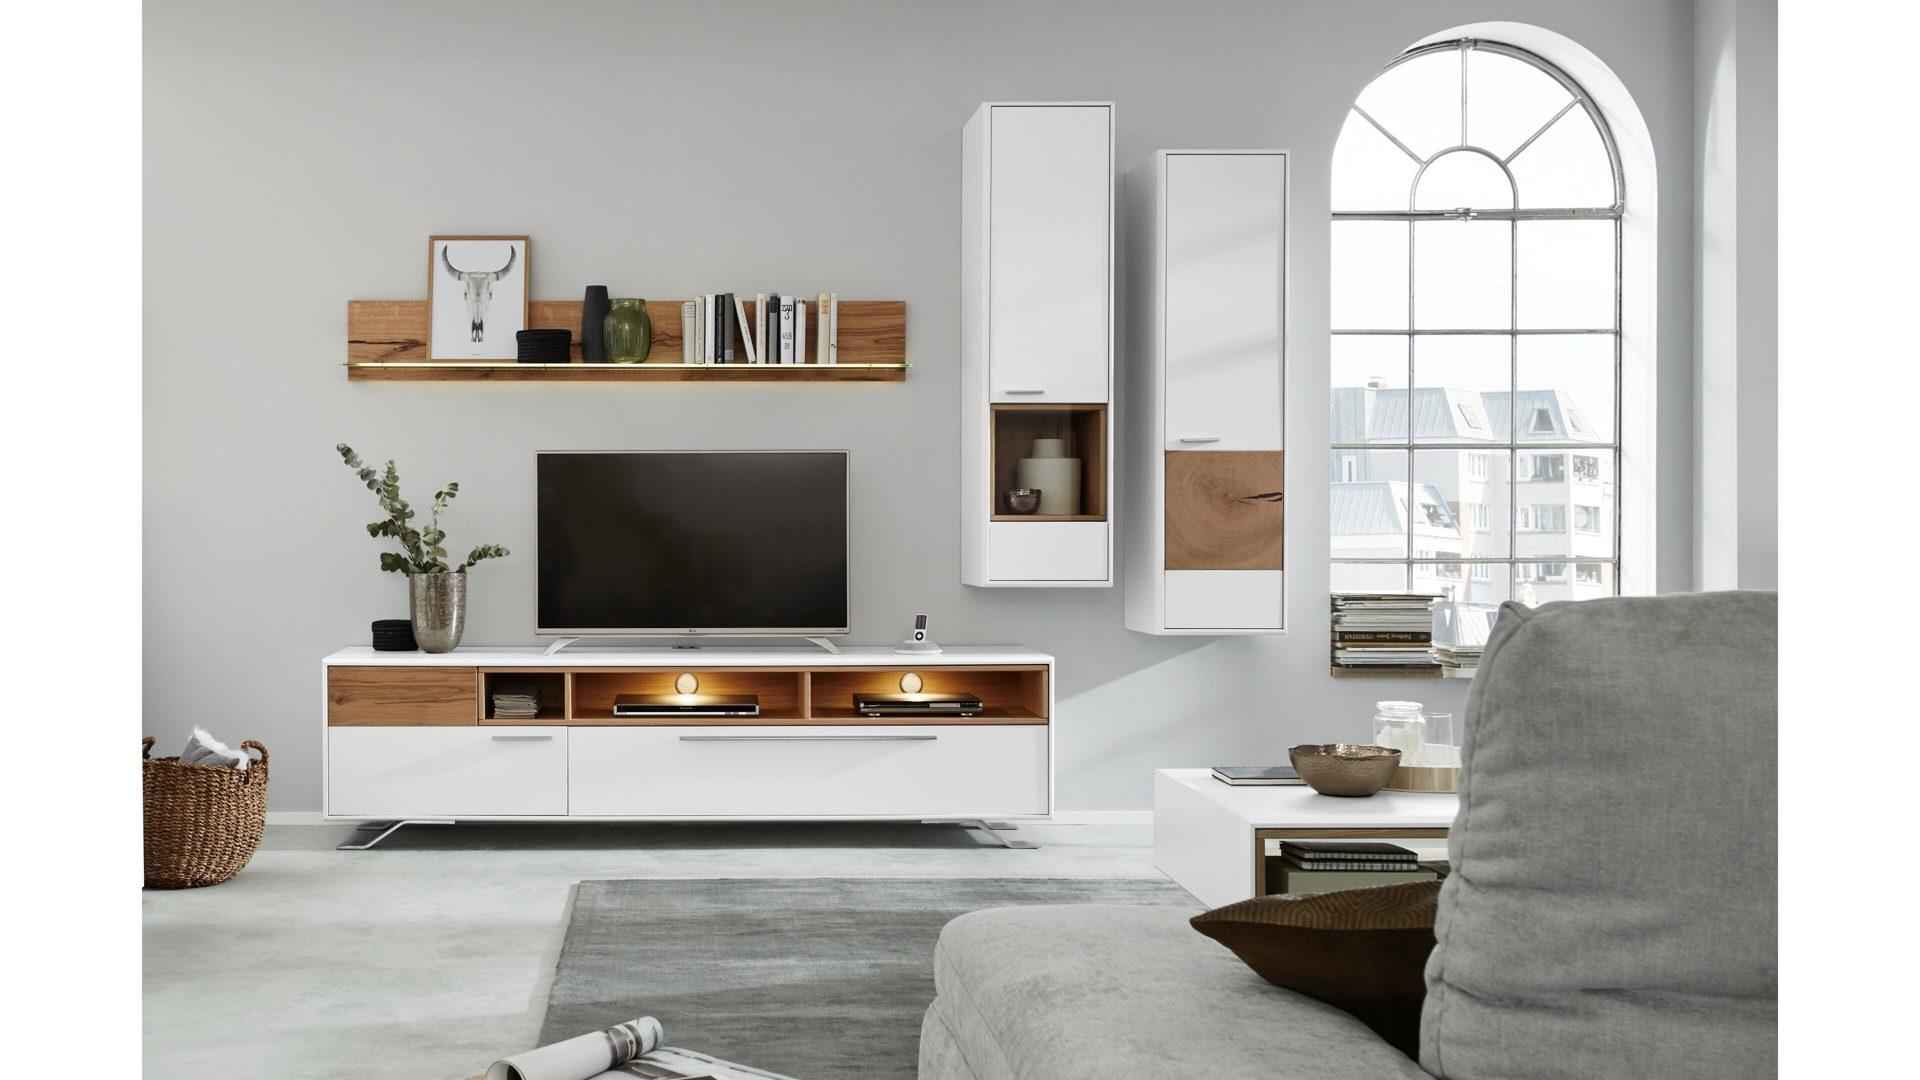 Interliving Wohnzimmer Serie 2102 Wohnkombination 510802m Mit